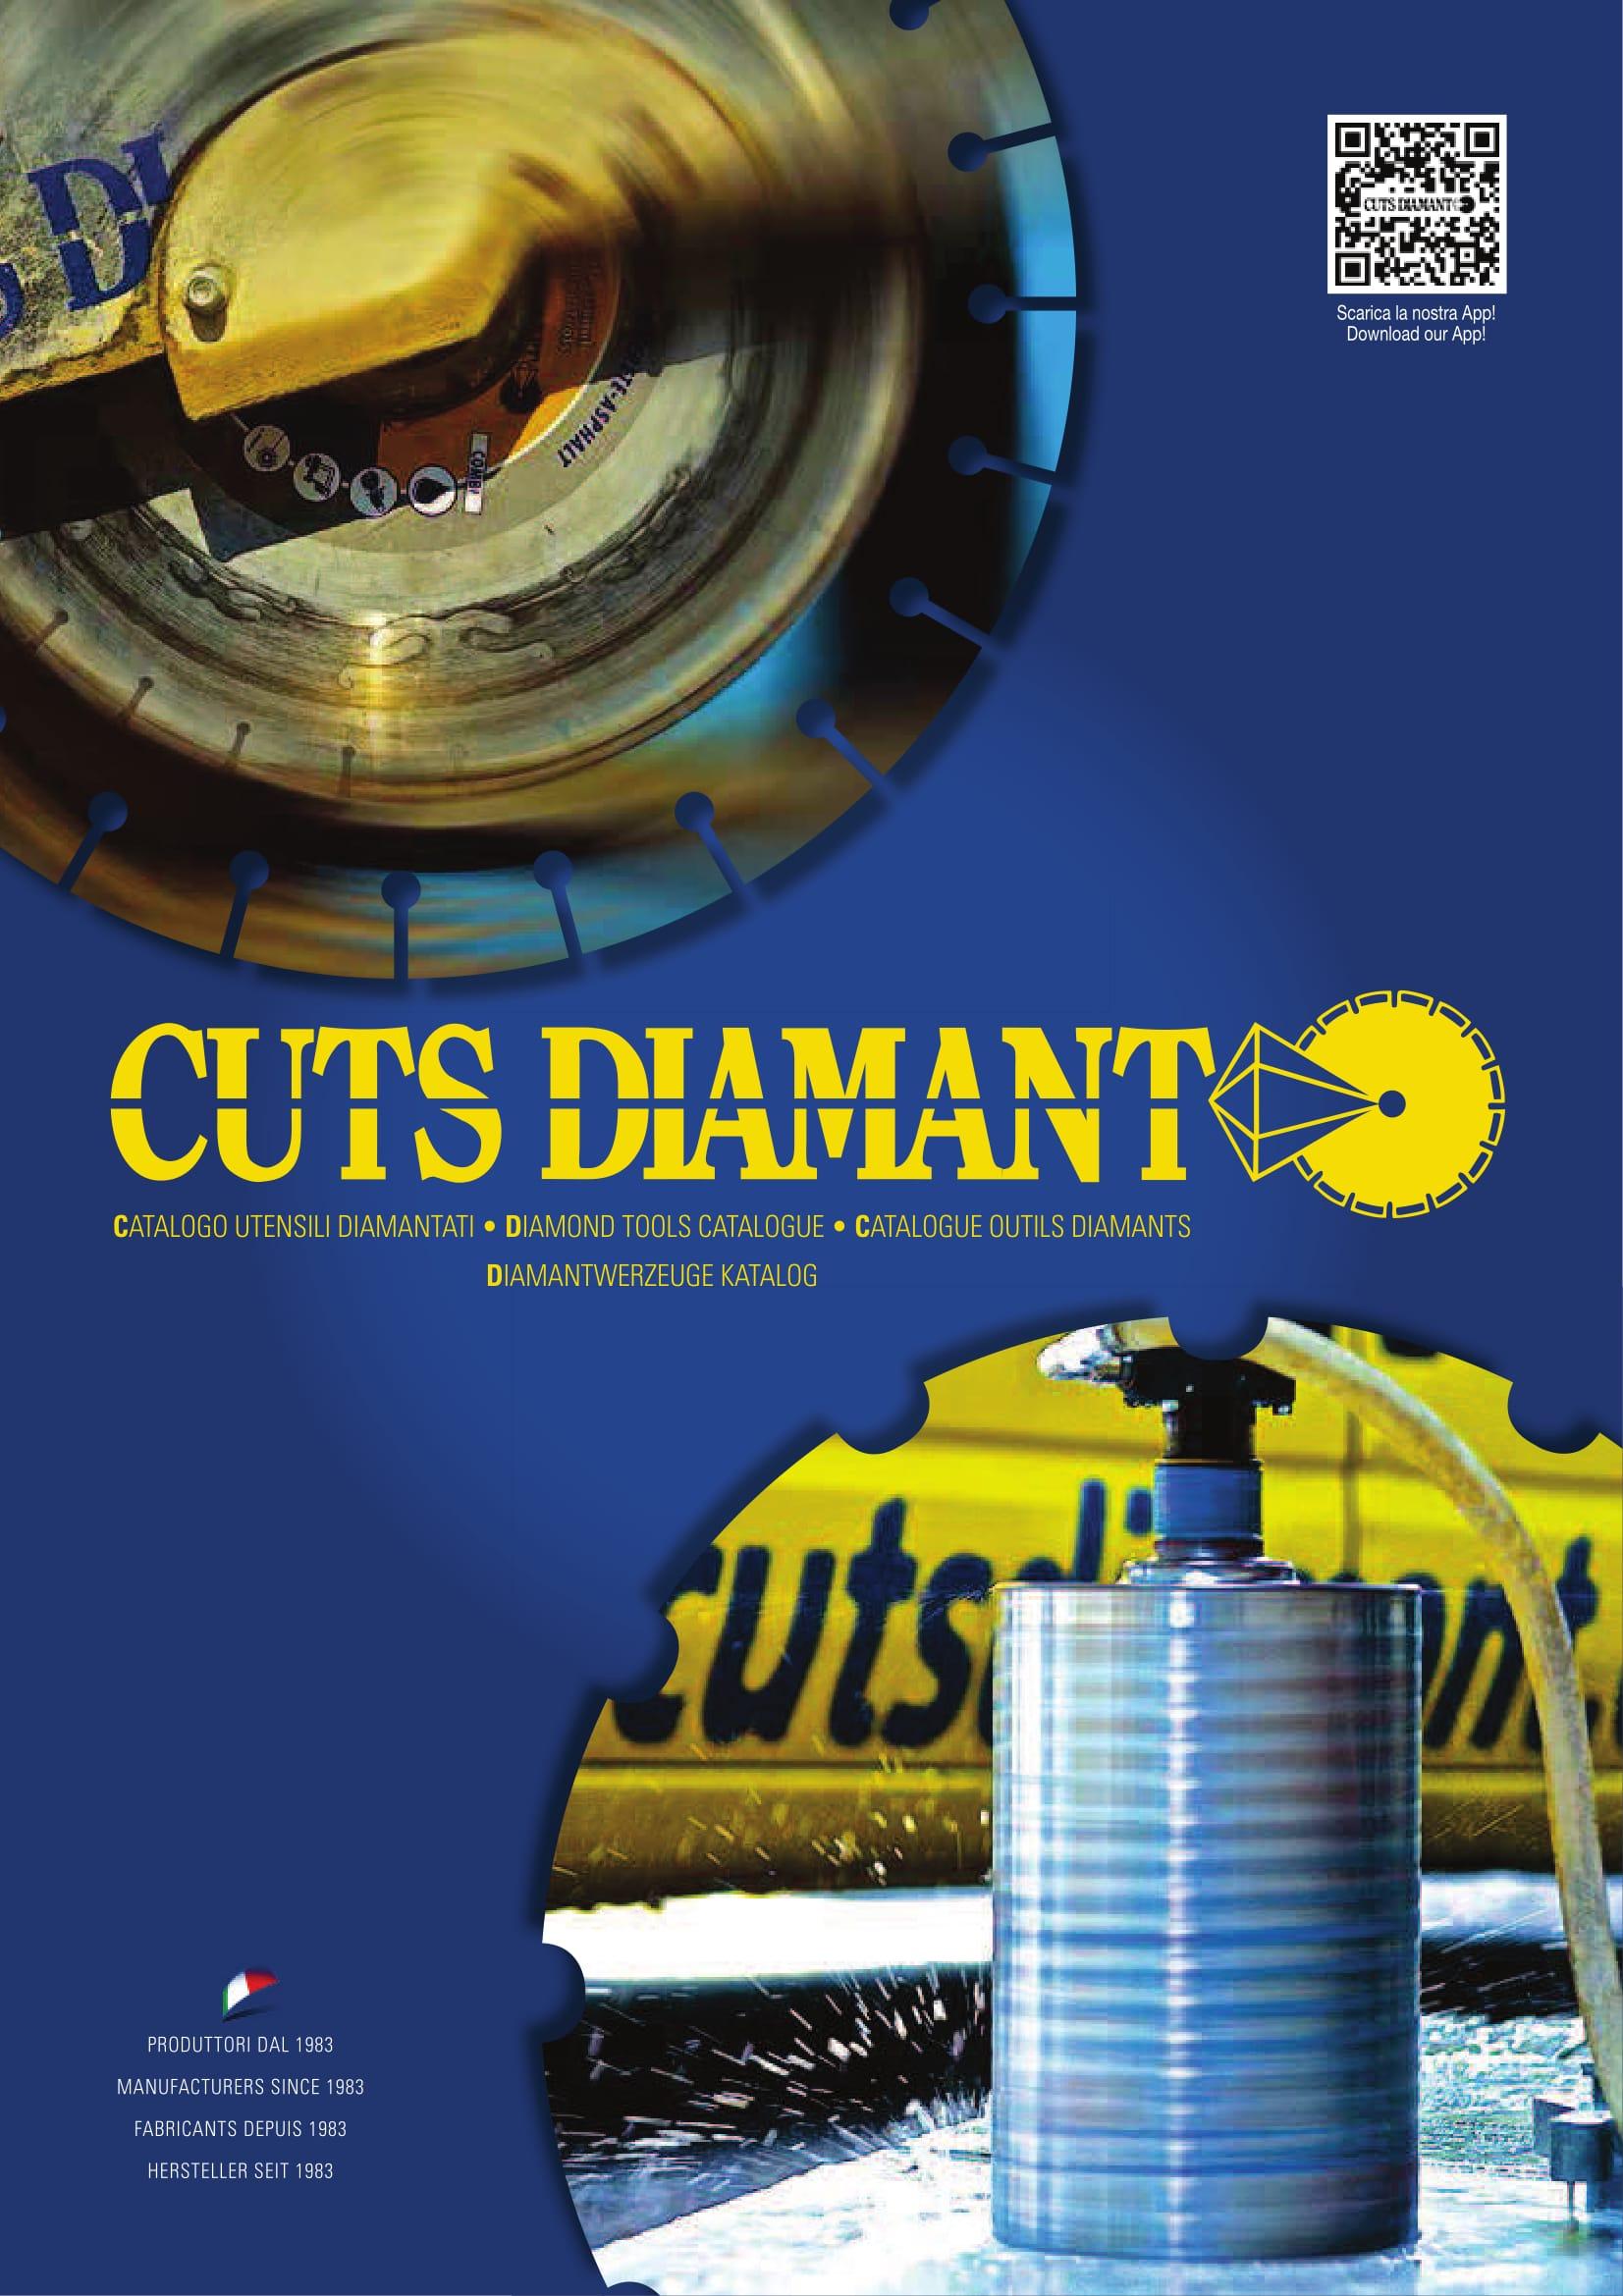 Neuer Katalog von Diamantwerkzeugen